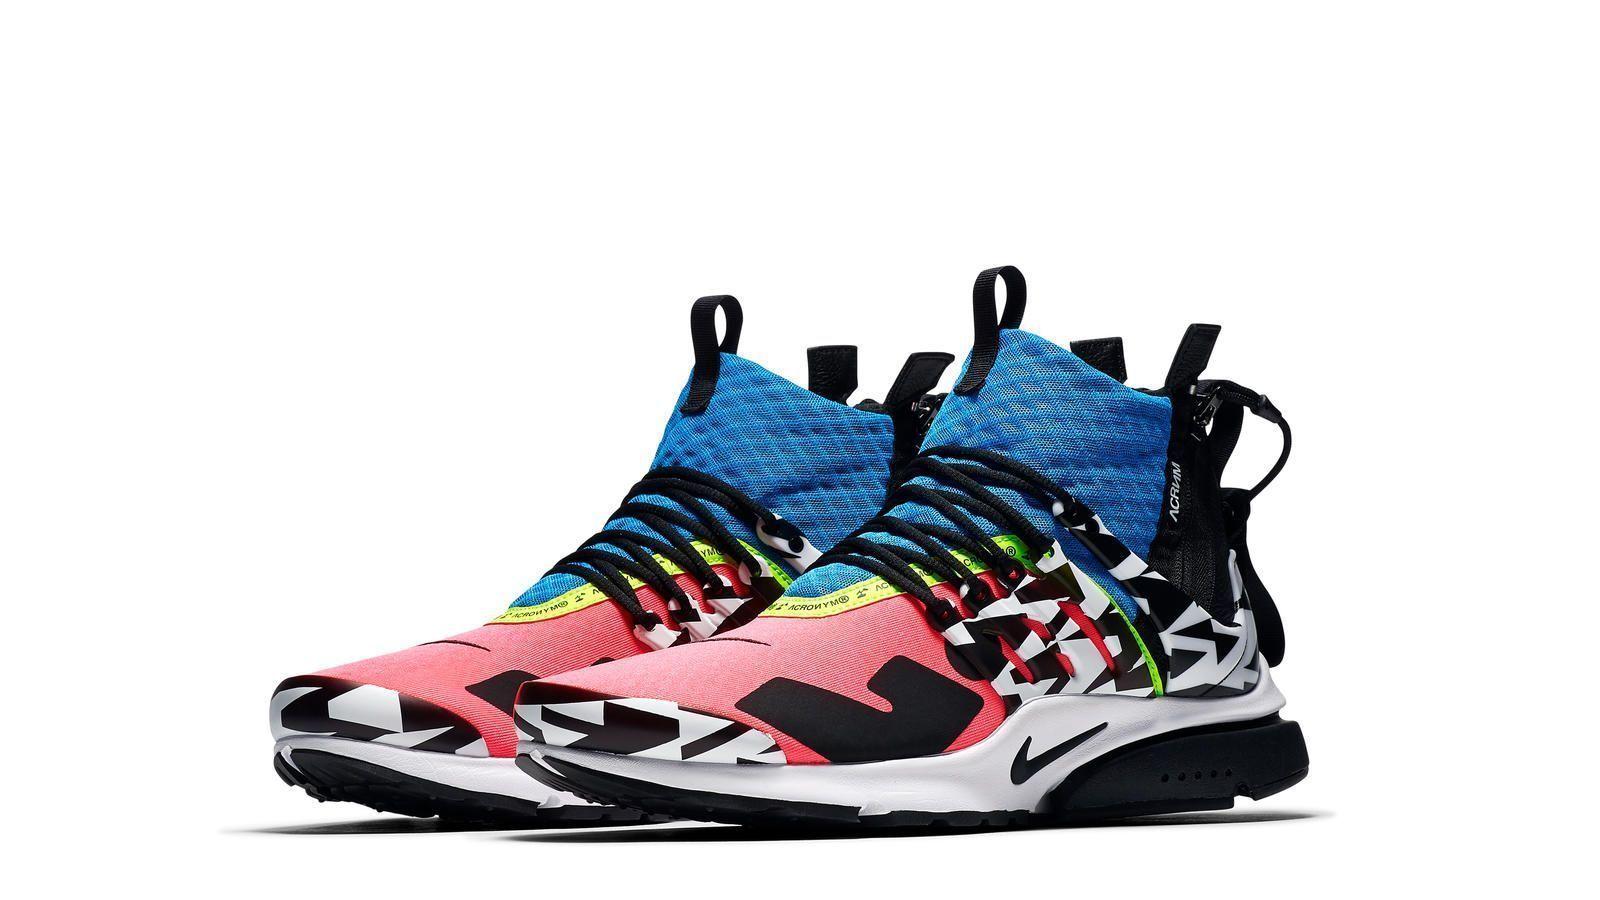 ACRONYM x Nike Presto Mid 2018